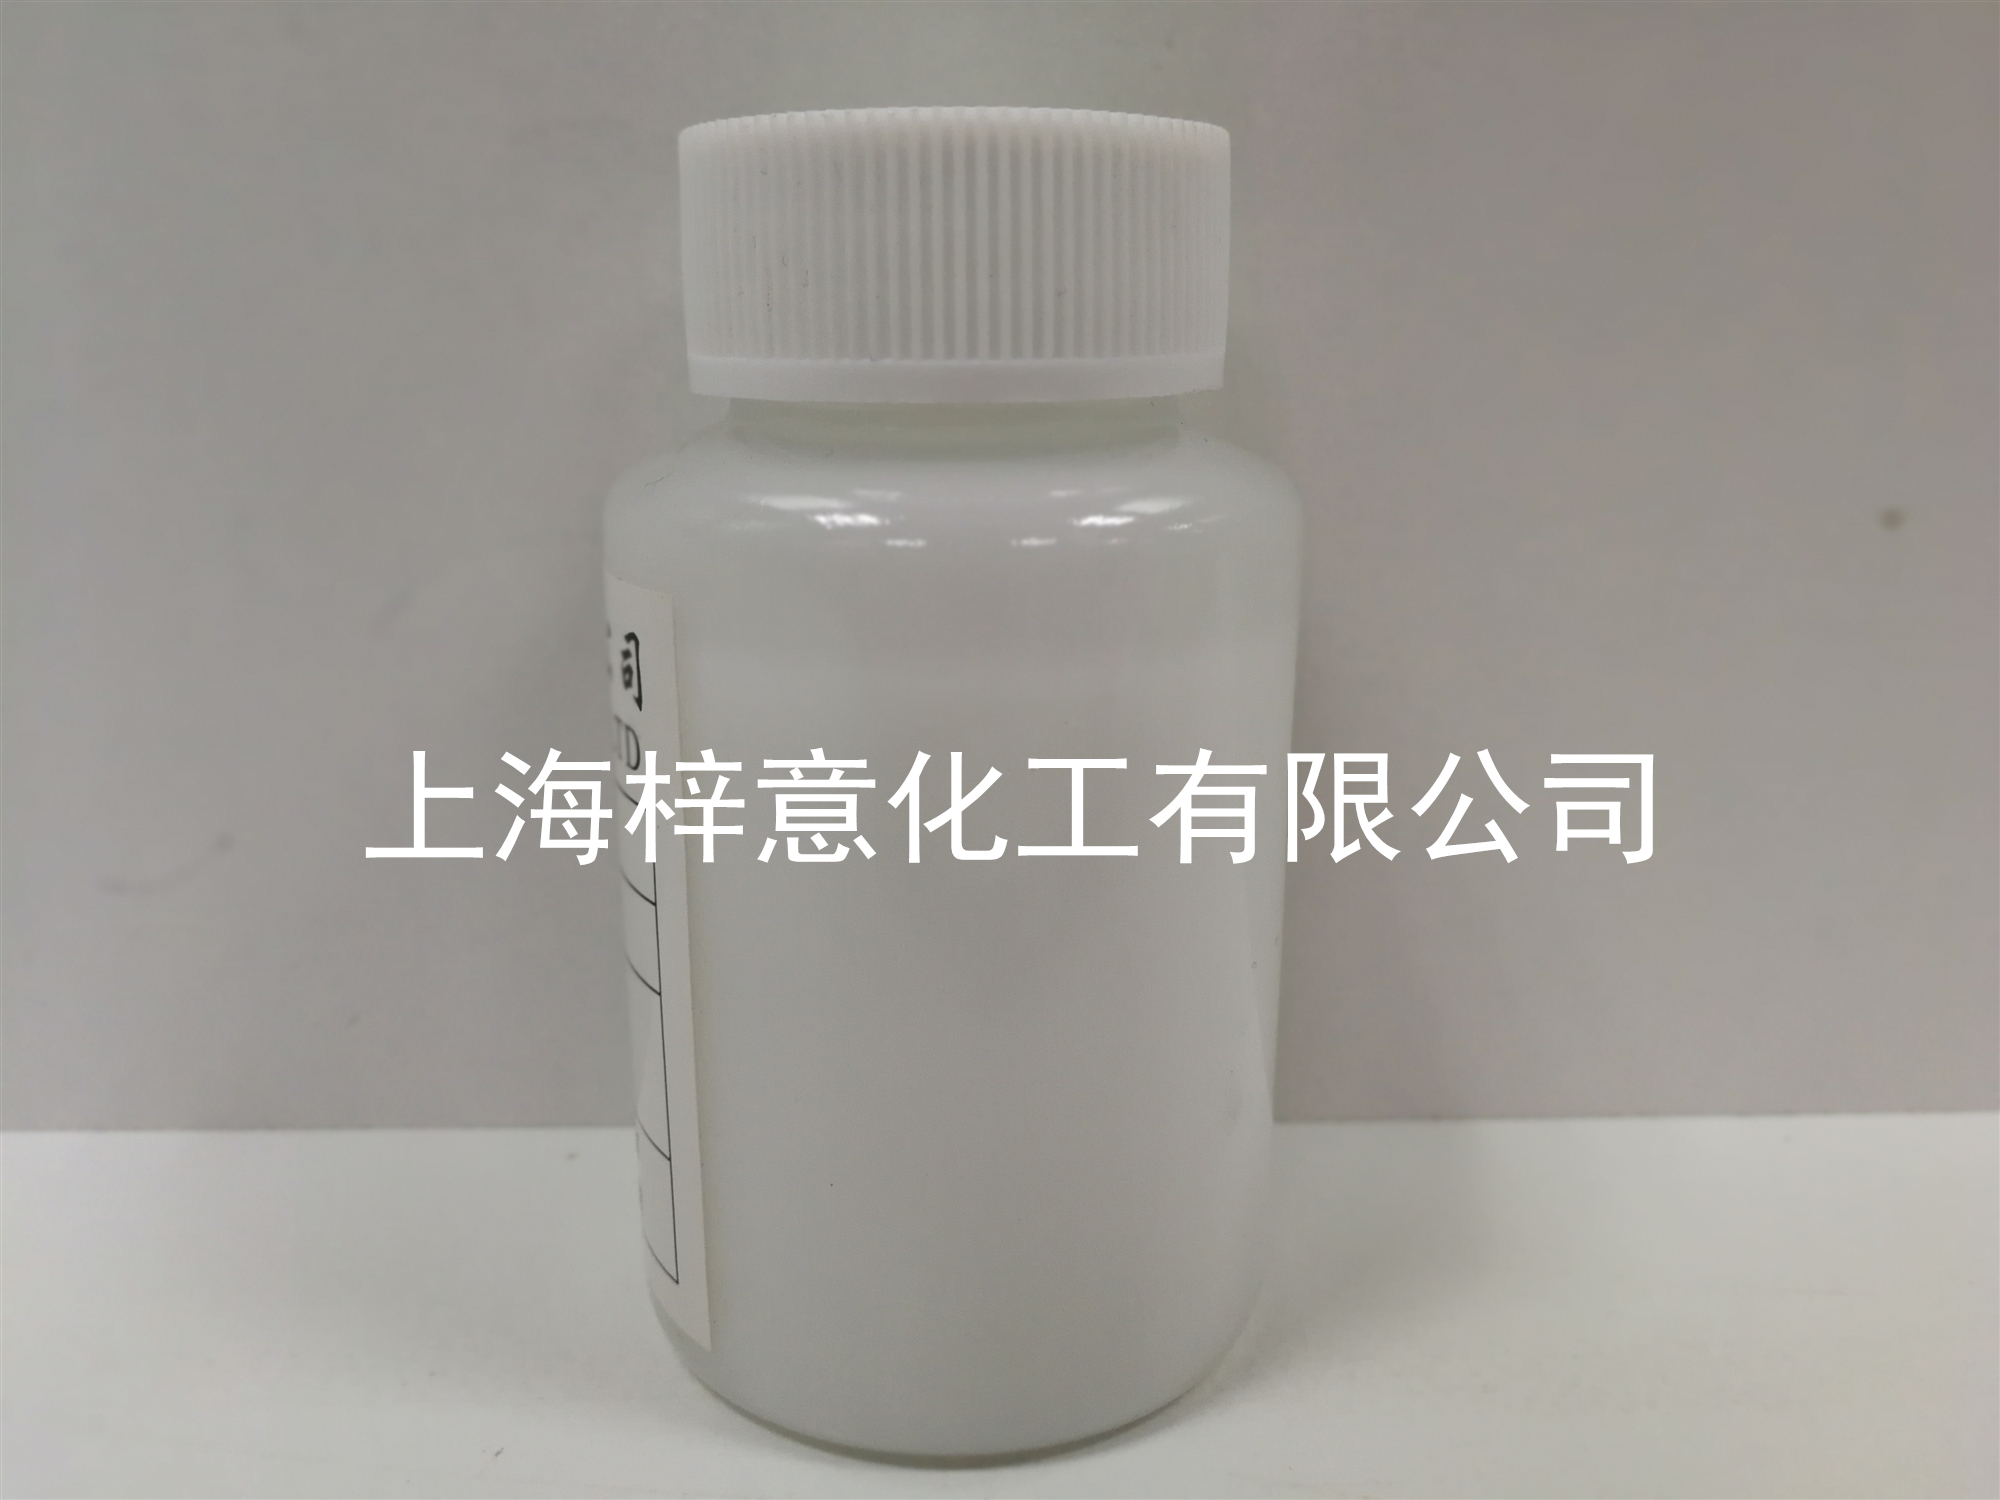 河北硅酸鈣板消泡劑 誠信經營 梓意供應